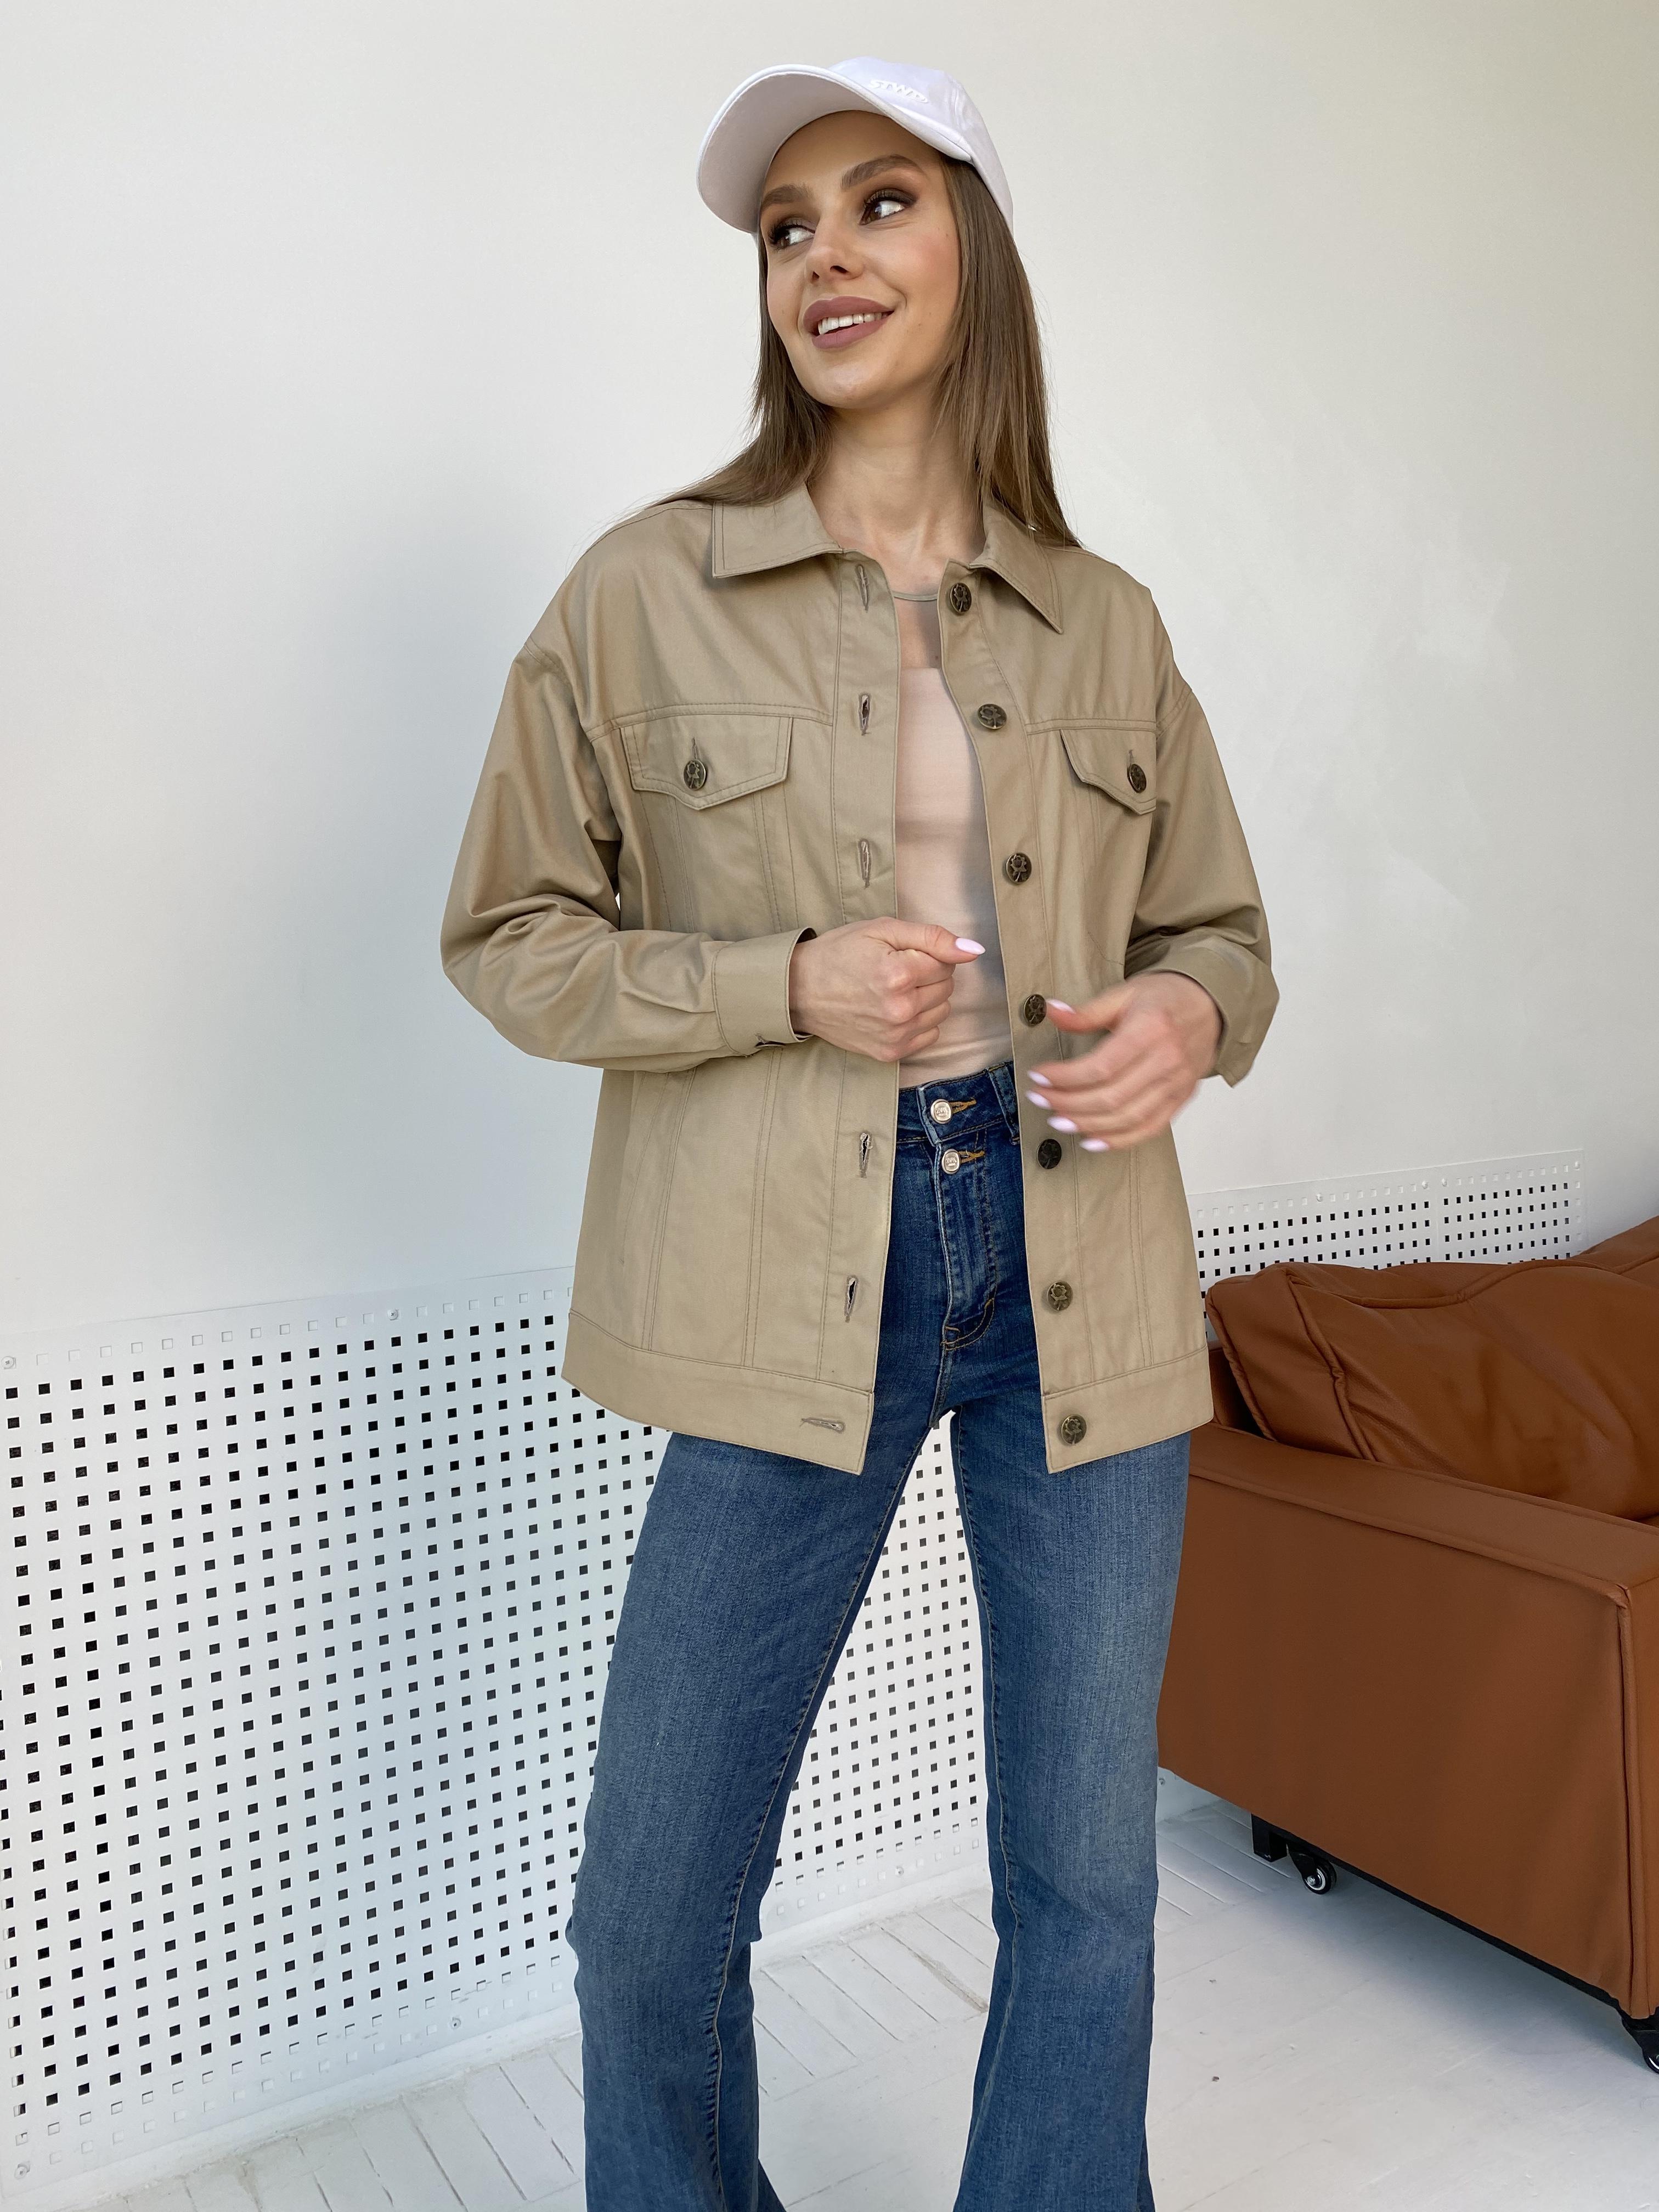 Жакет Релпей 9263 АРТ. 45599 Цвет: Бежевый - фото 5, интернет магазин tm-modus.ru